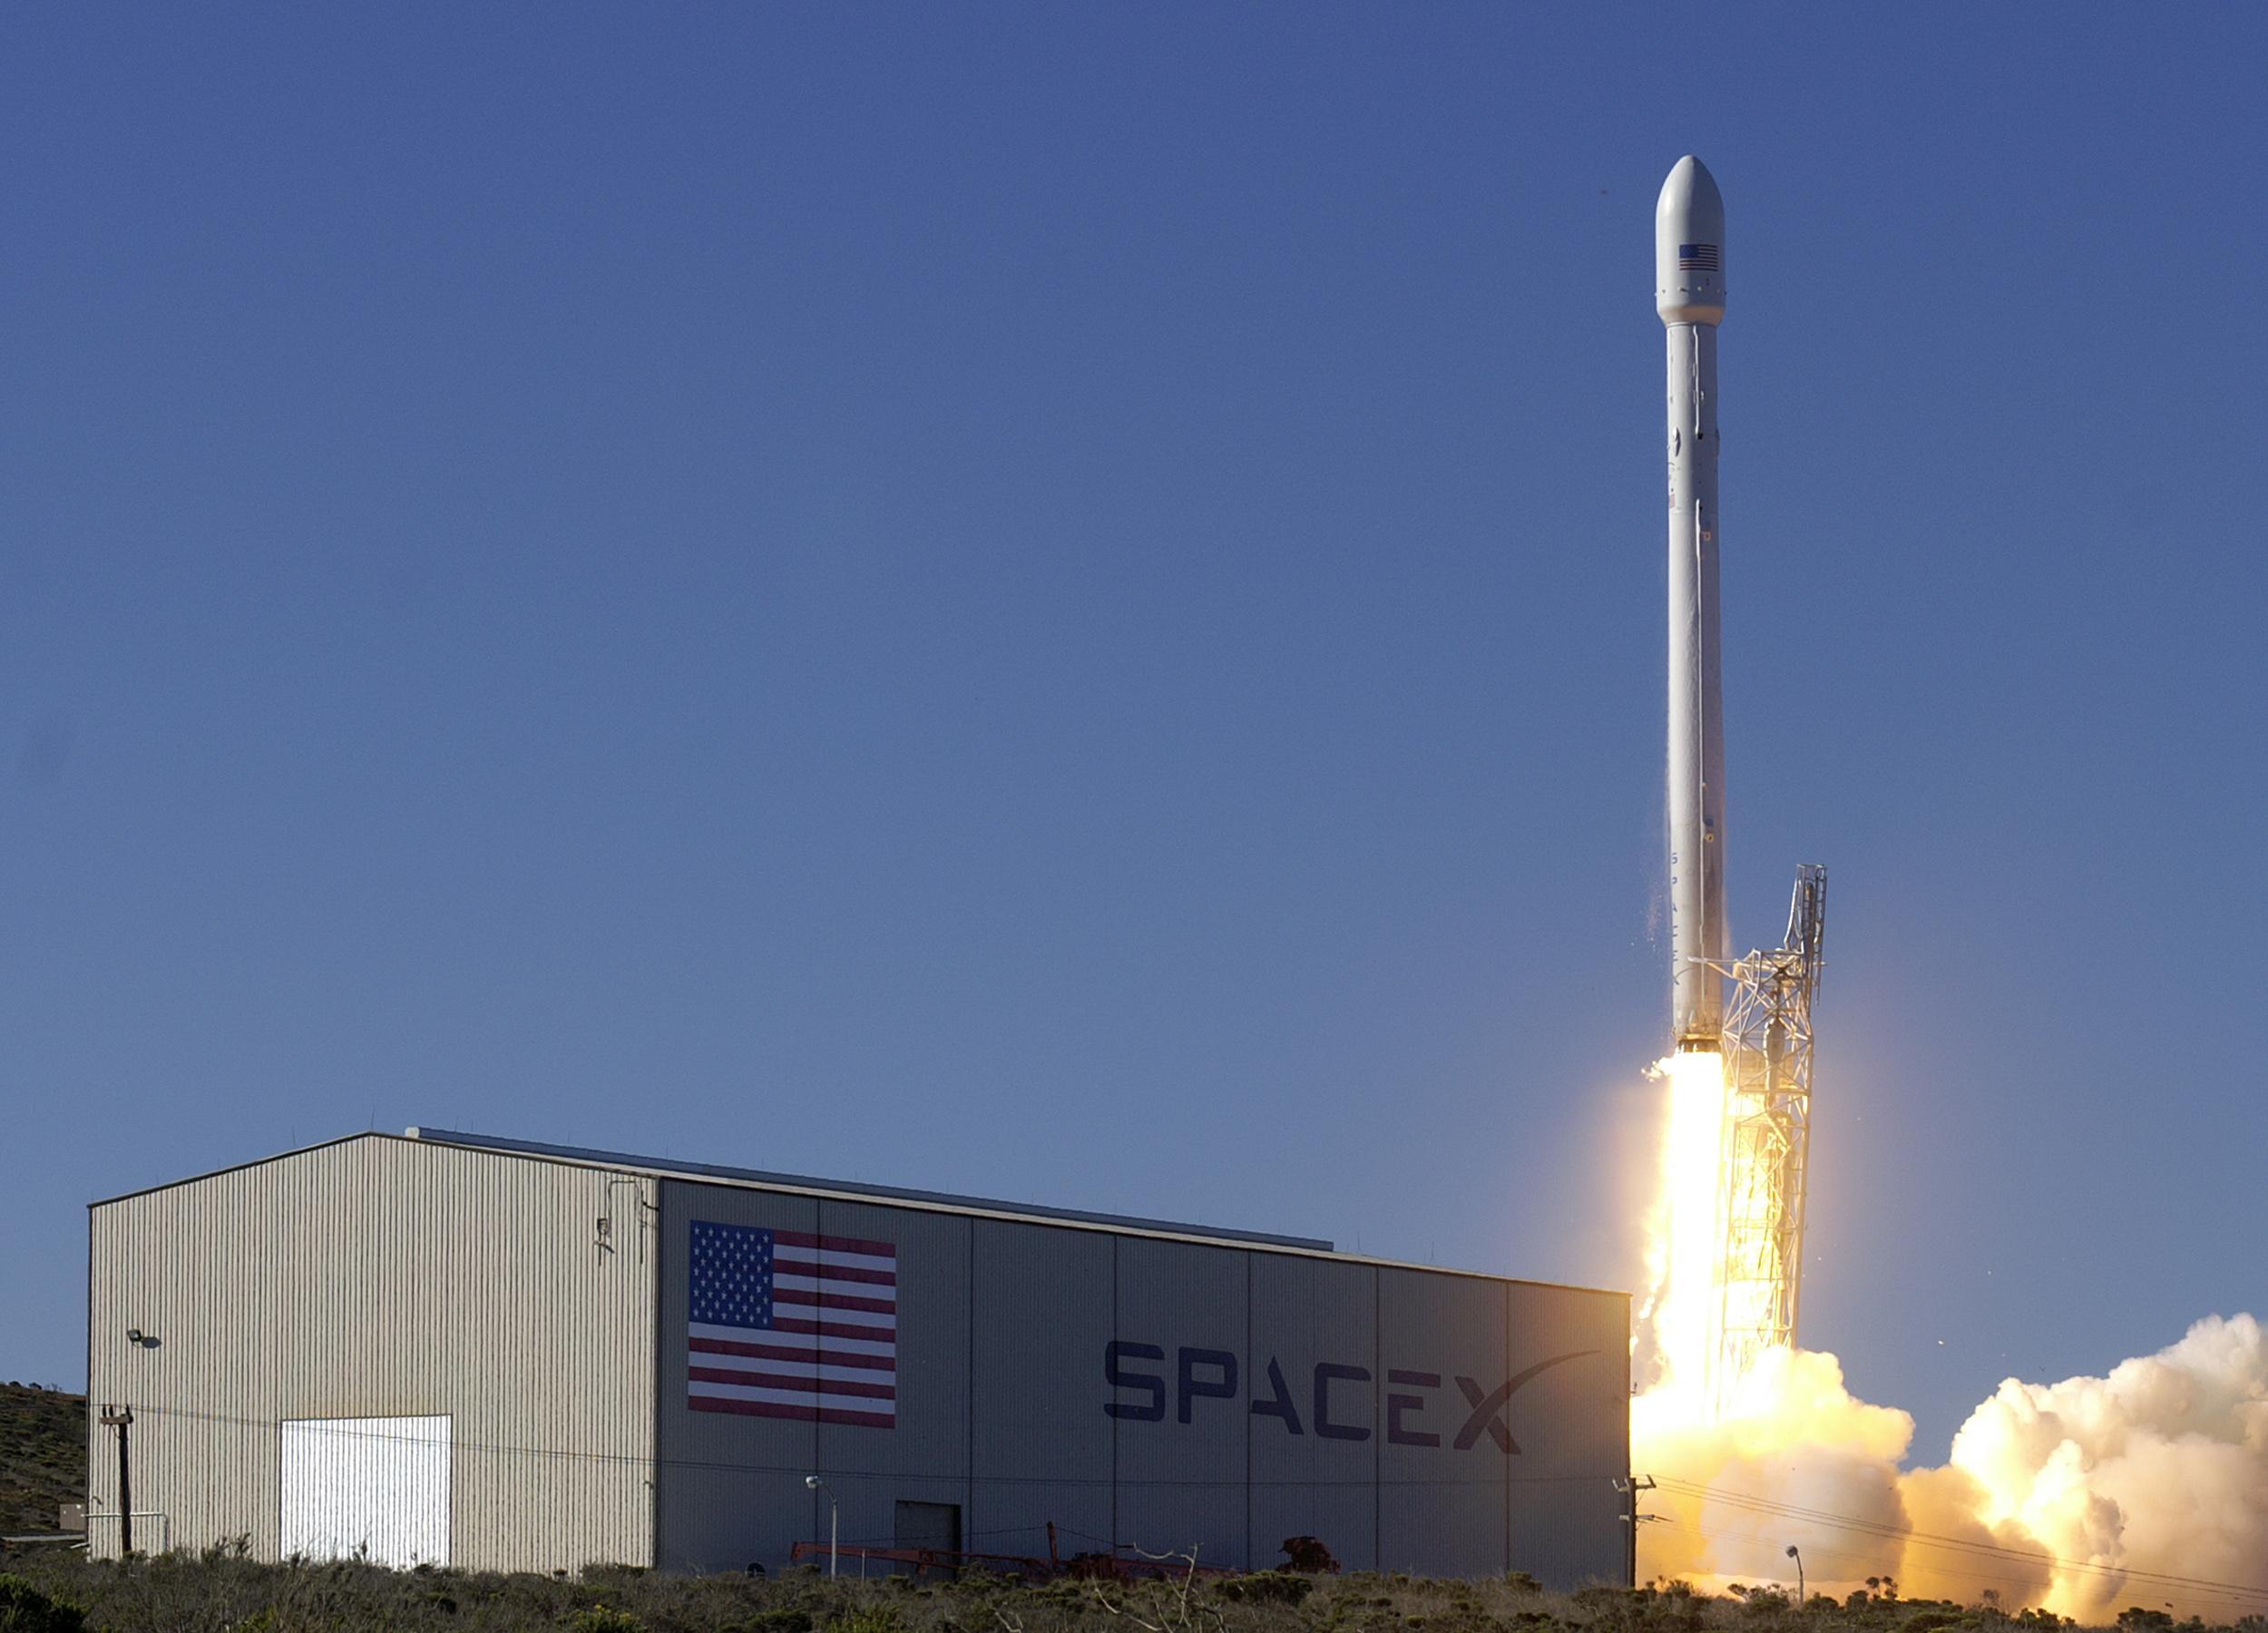 SpaceX запустила вкосмос ракету Falcon 9 із супутником зв'язку